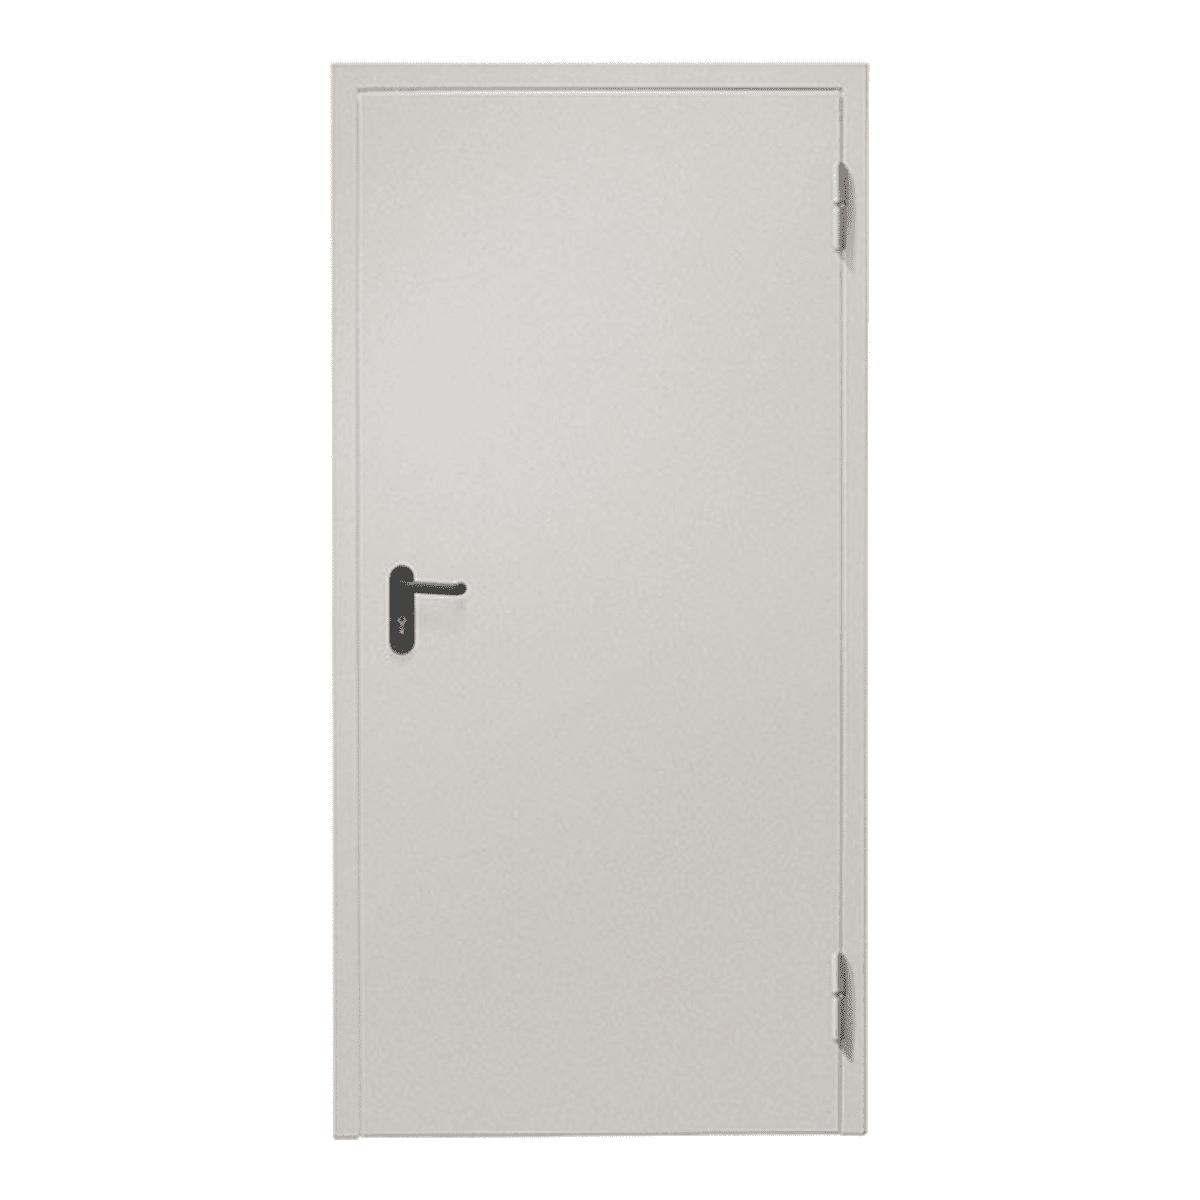 Дверь металлическая противопожарная ДП-1-60-2050/850/правая